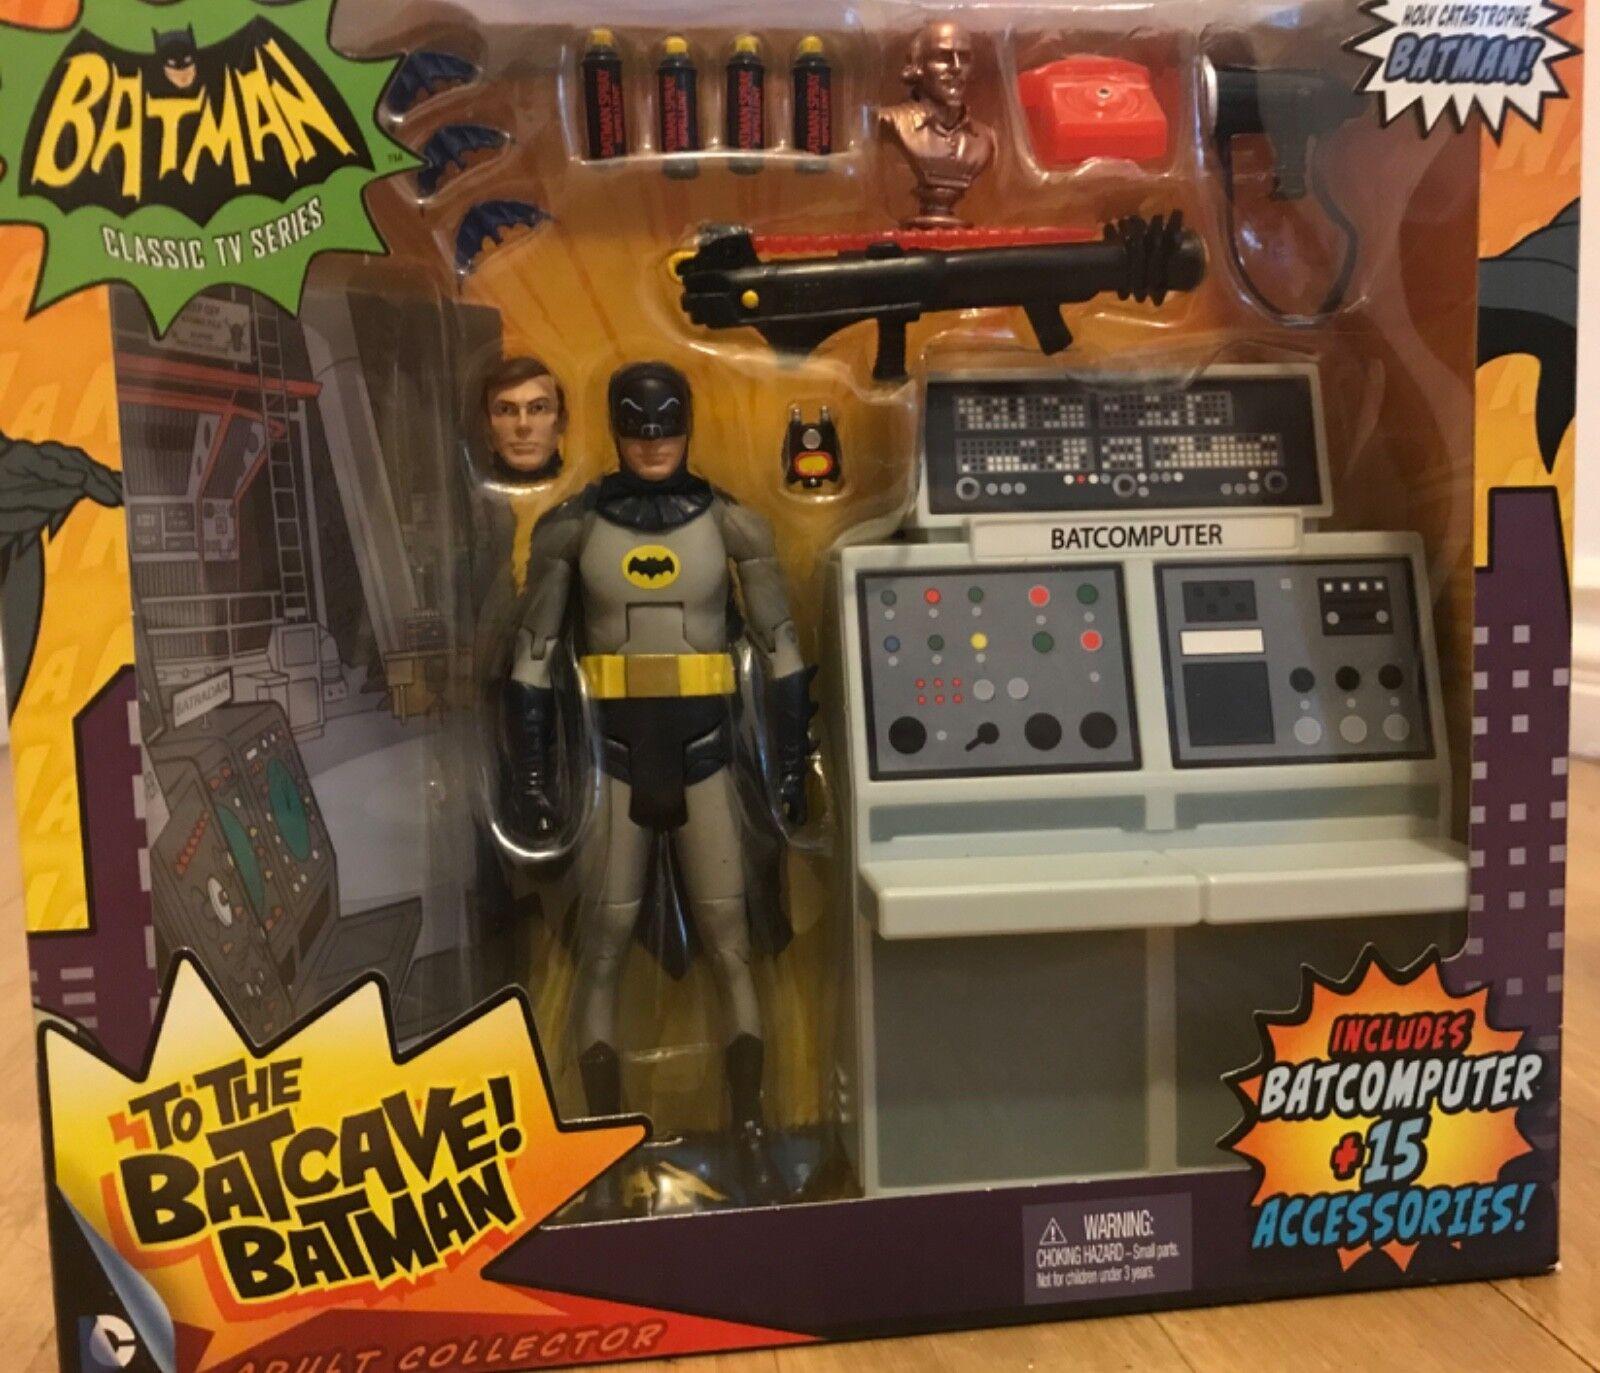 Batman Classic Tv Series To The Batcave Adam West Action Figure.1966 Mattel